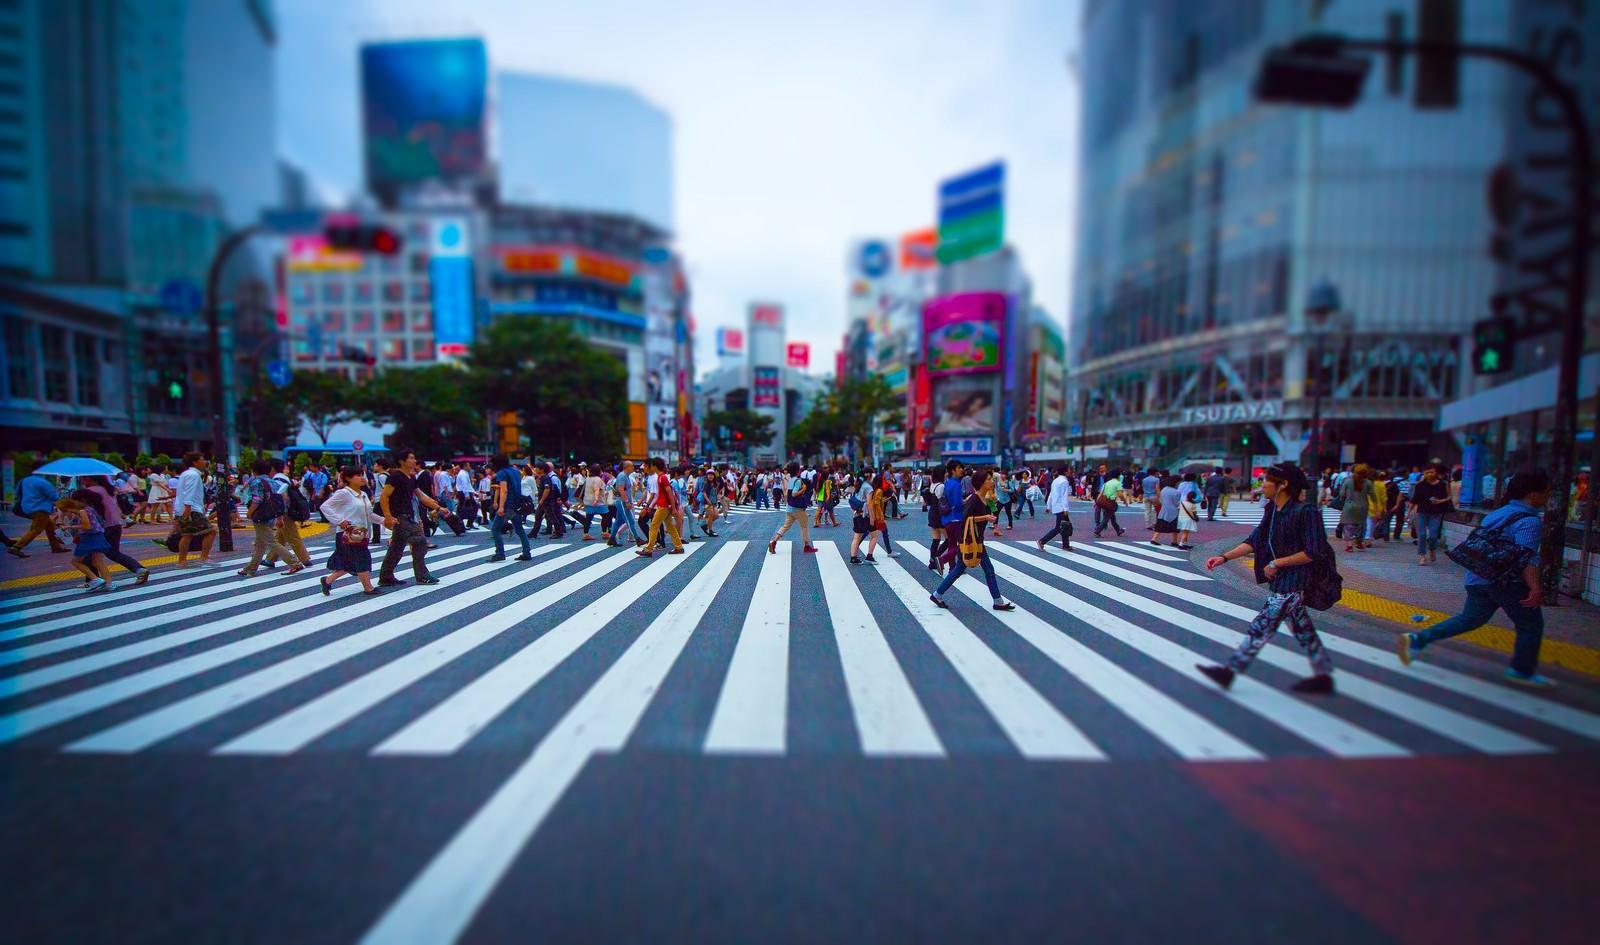 「渋谷のスクランブル交差点(チルトシフト) | 写真の無料素材・フリー素材 - ぱくたそ」の写真